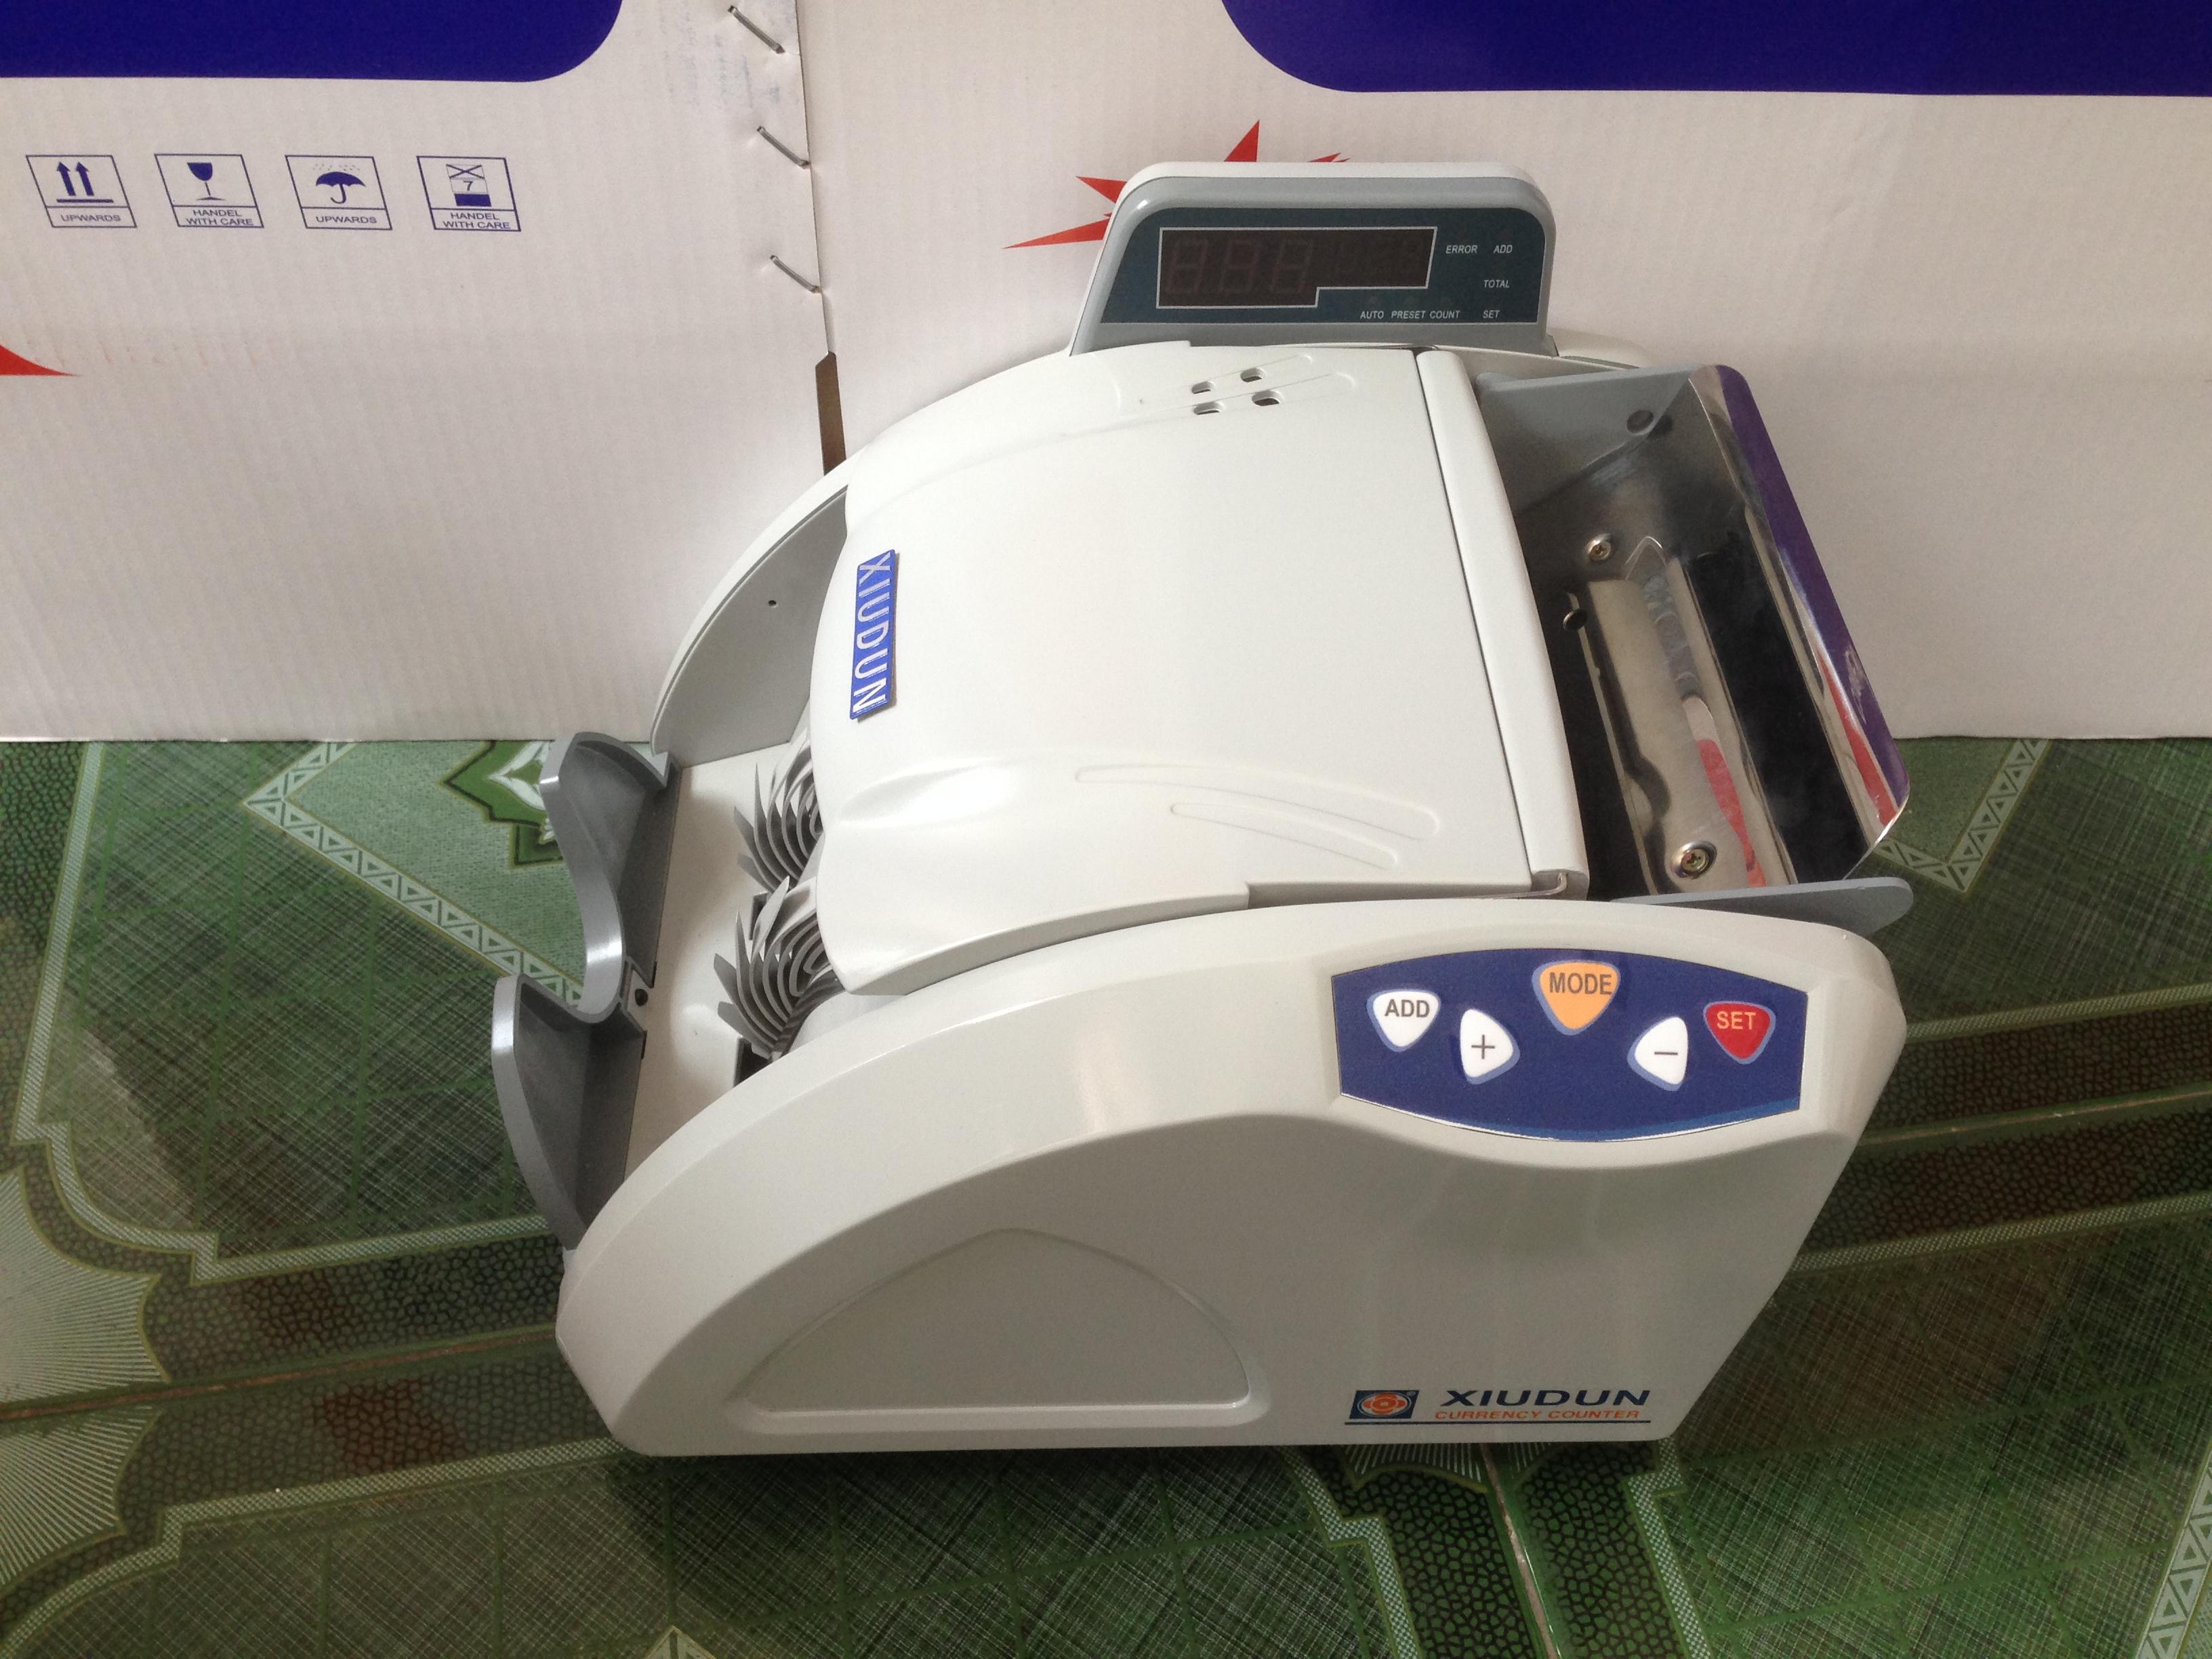 Hướng dẫn sử dụng máy đếm tiền Xiudun XD-2500K